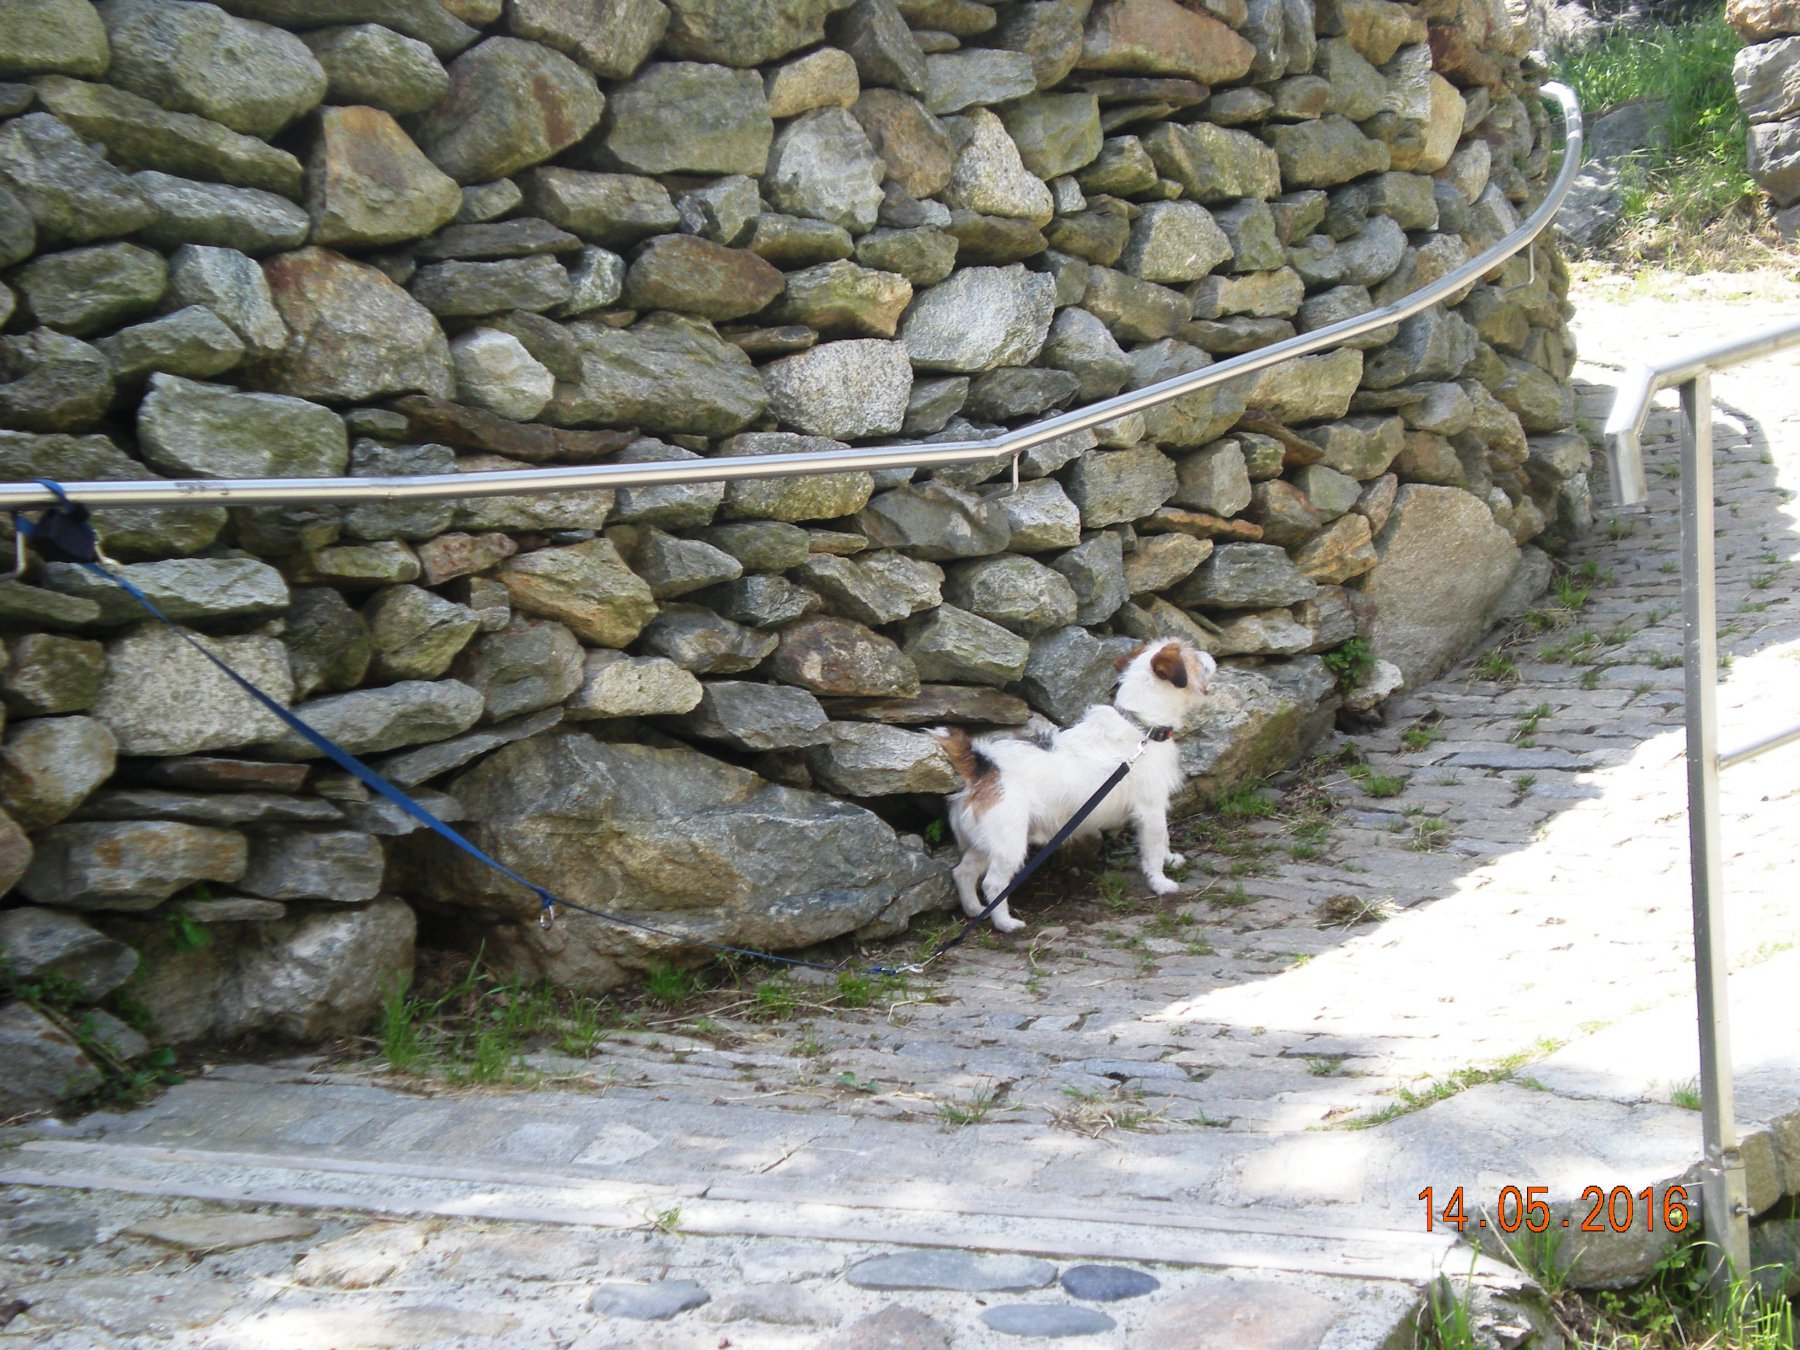 il cagnolino lasciato legato ad Albard per arrampicare tranquilli!!!